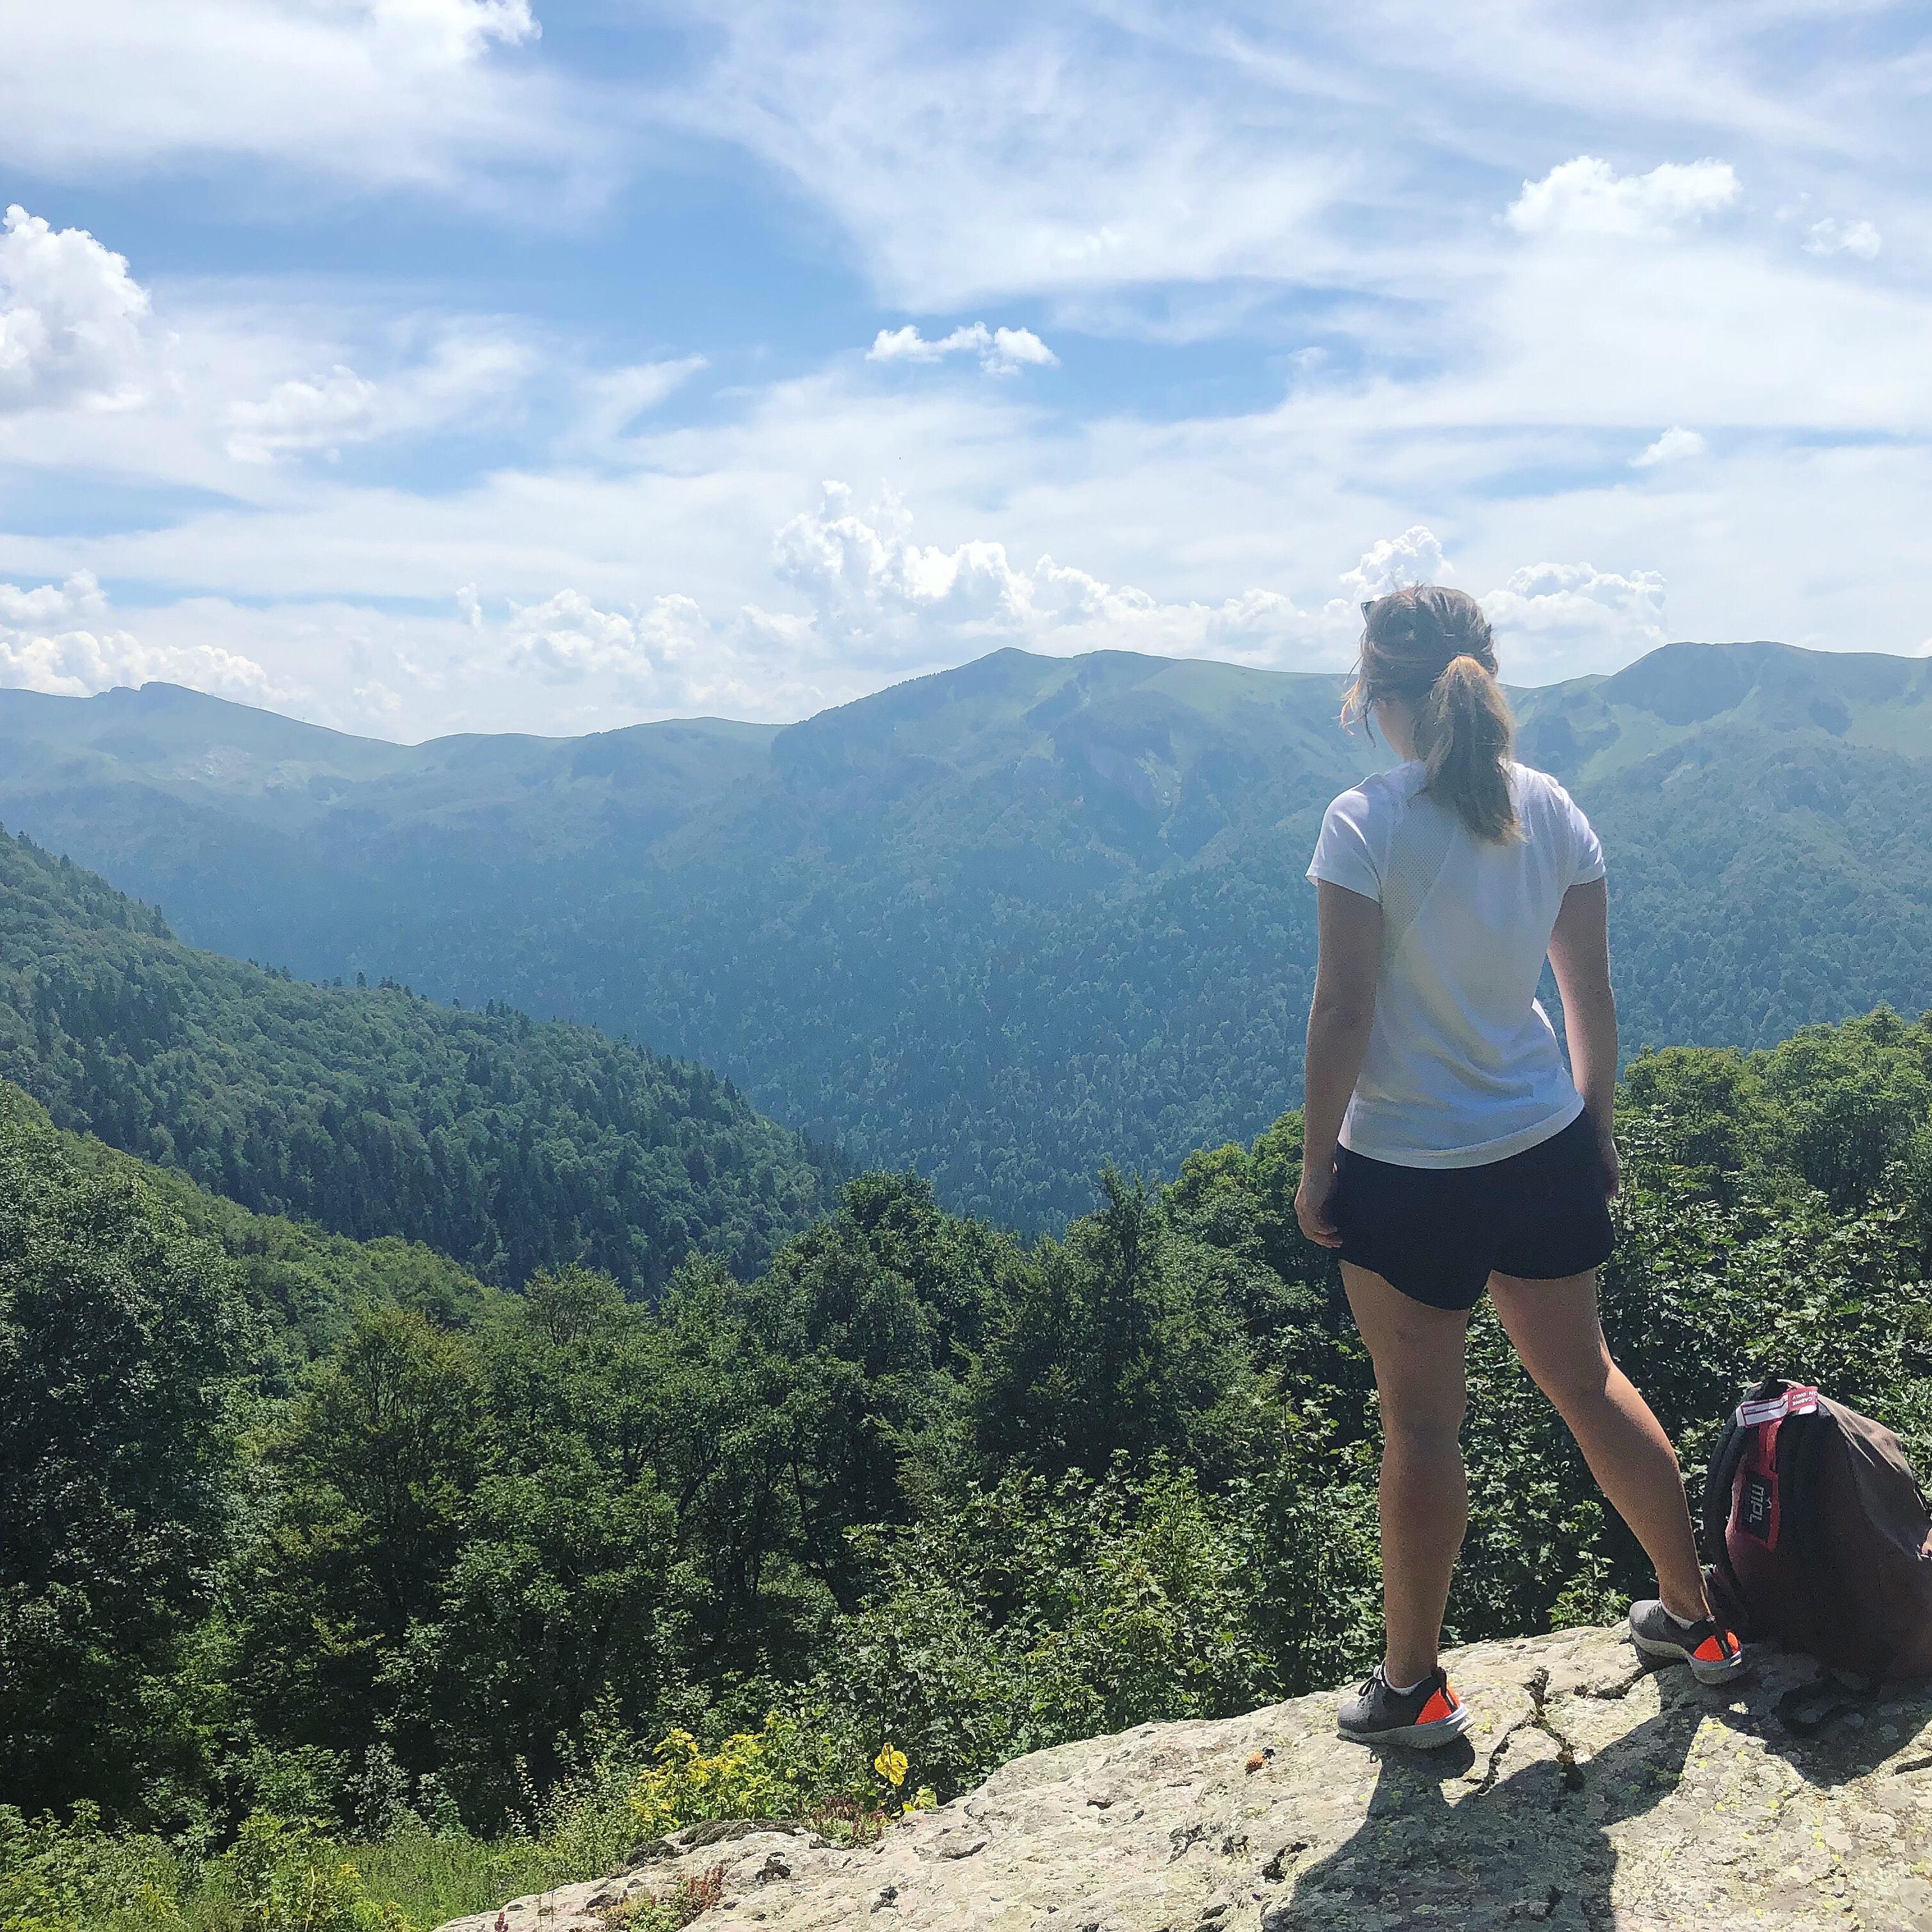 vacances au montenegro Montenegro u2013 Dans les montagnes du Nord